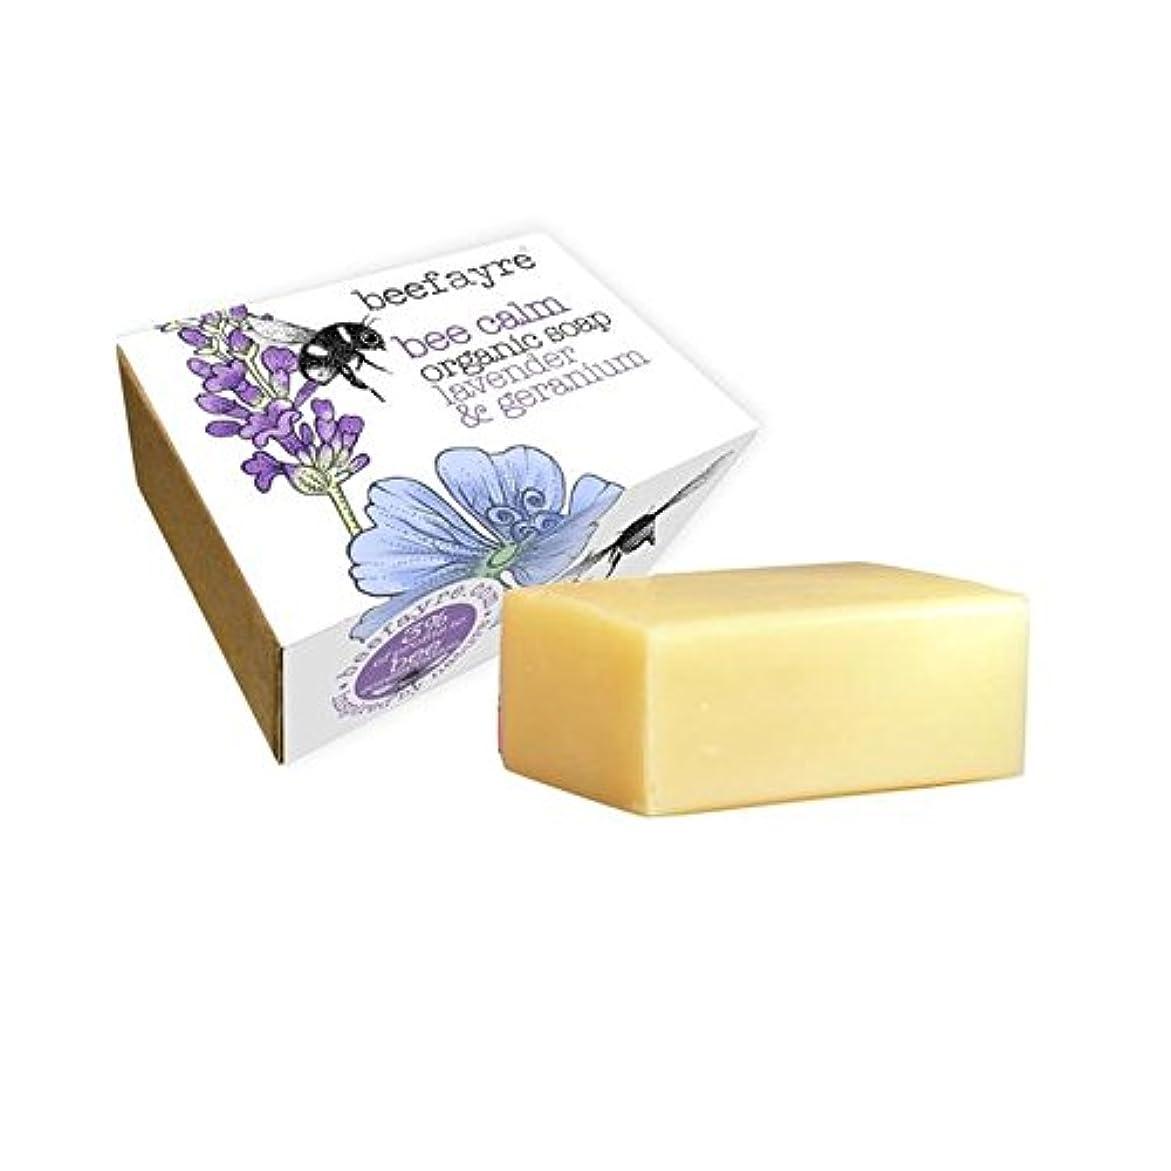 六月ベンチモートBeefayre Organic Geranium & Lavender Soap - 有機ゼラニウム&ラベンダー石鹸 [並行輸入品]